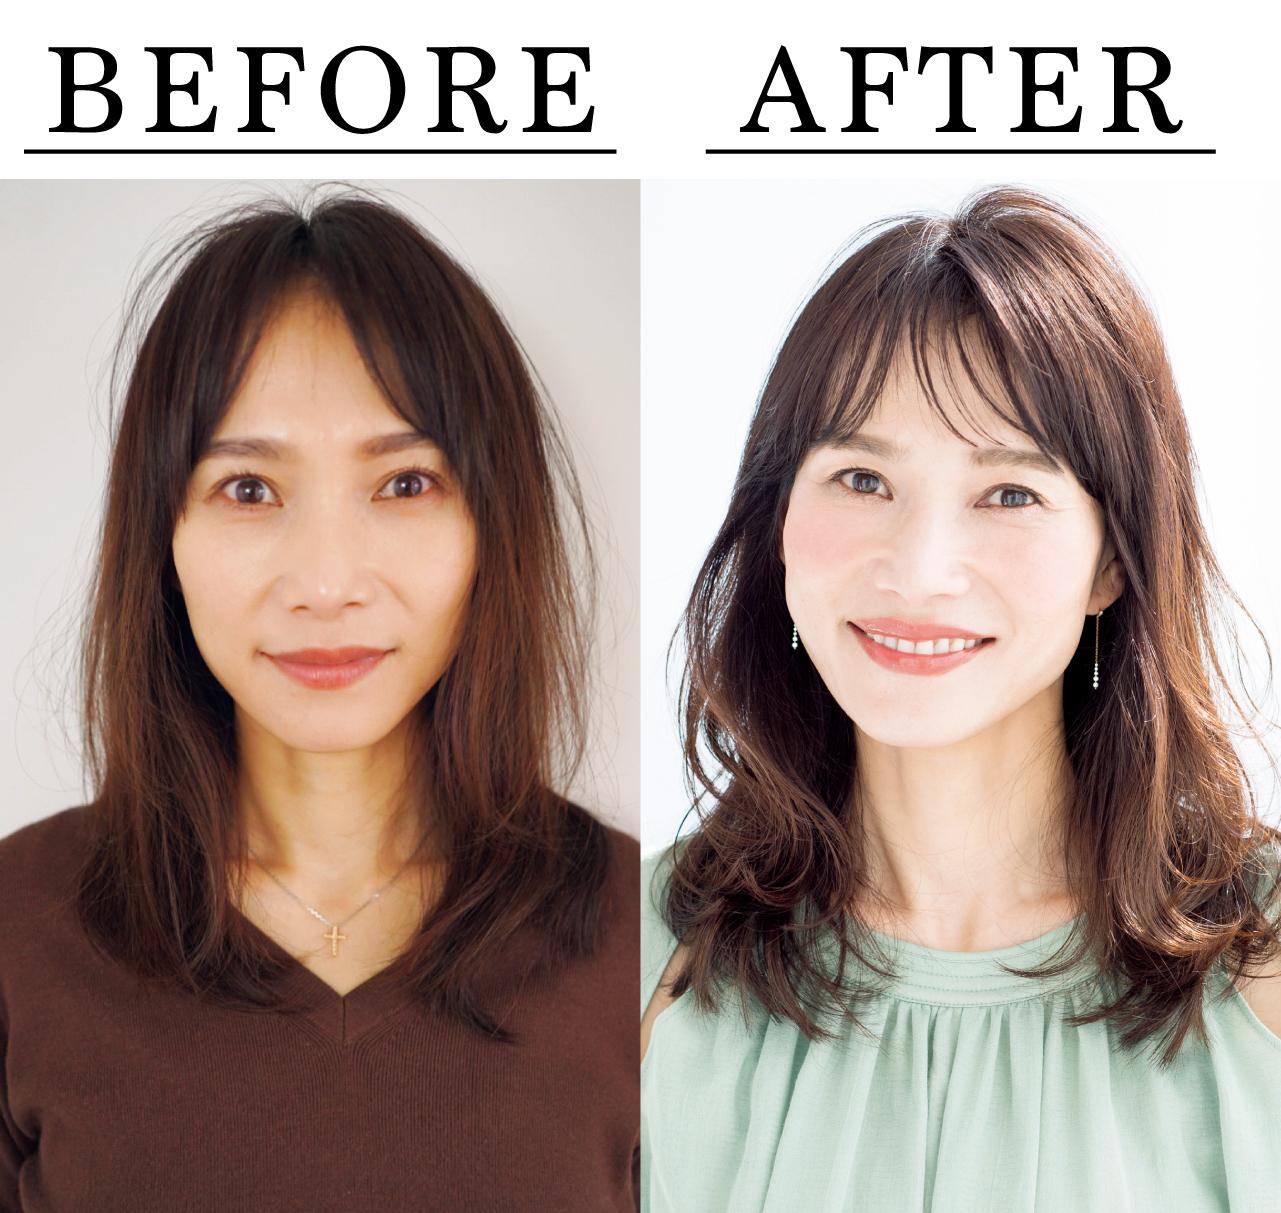 石田尚美さん Before After